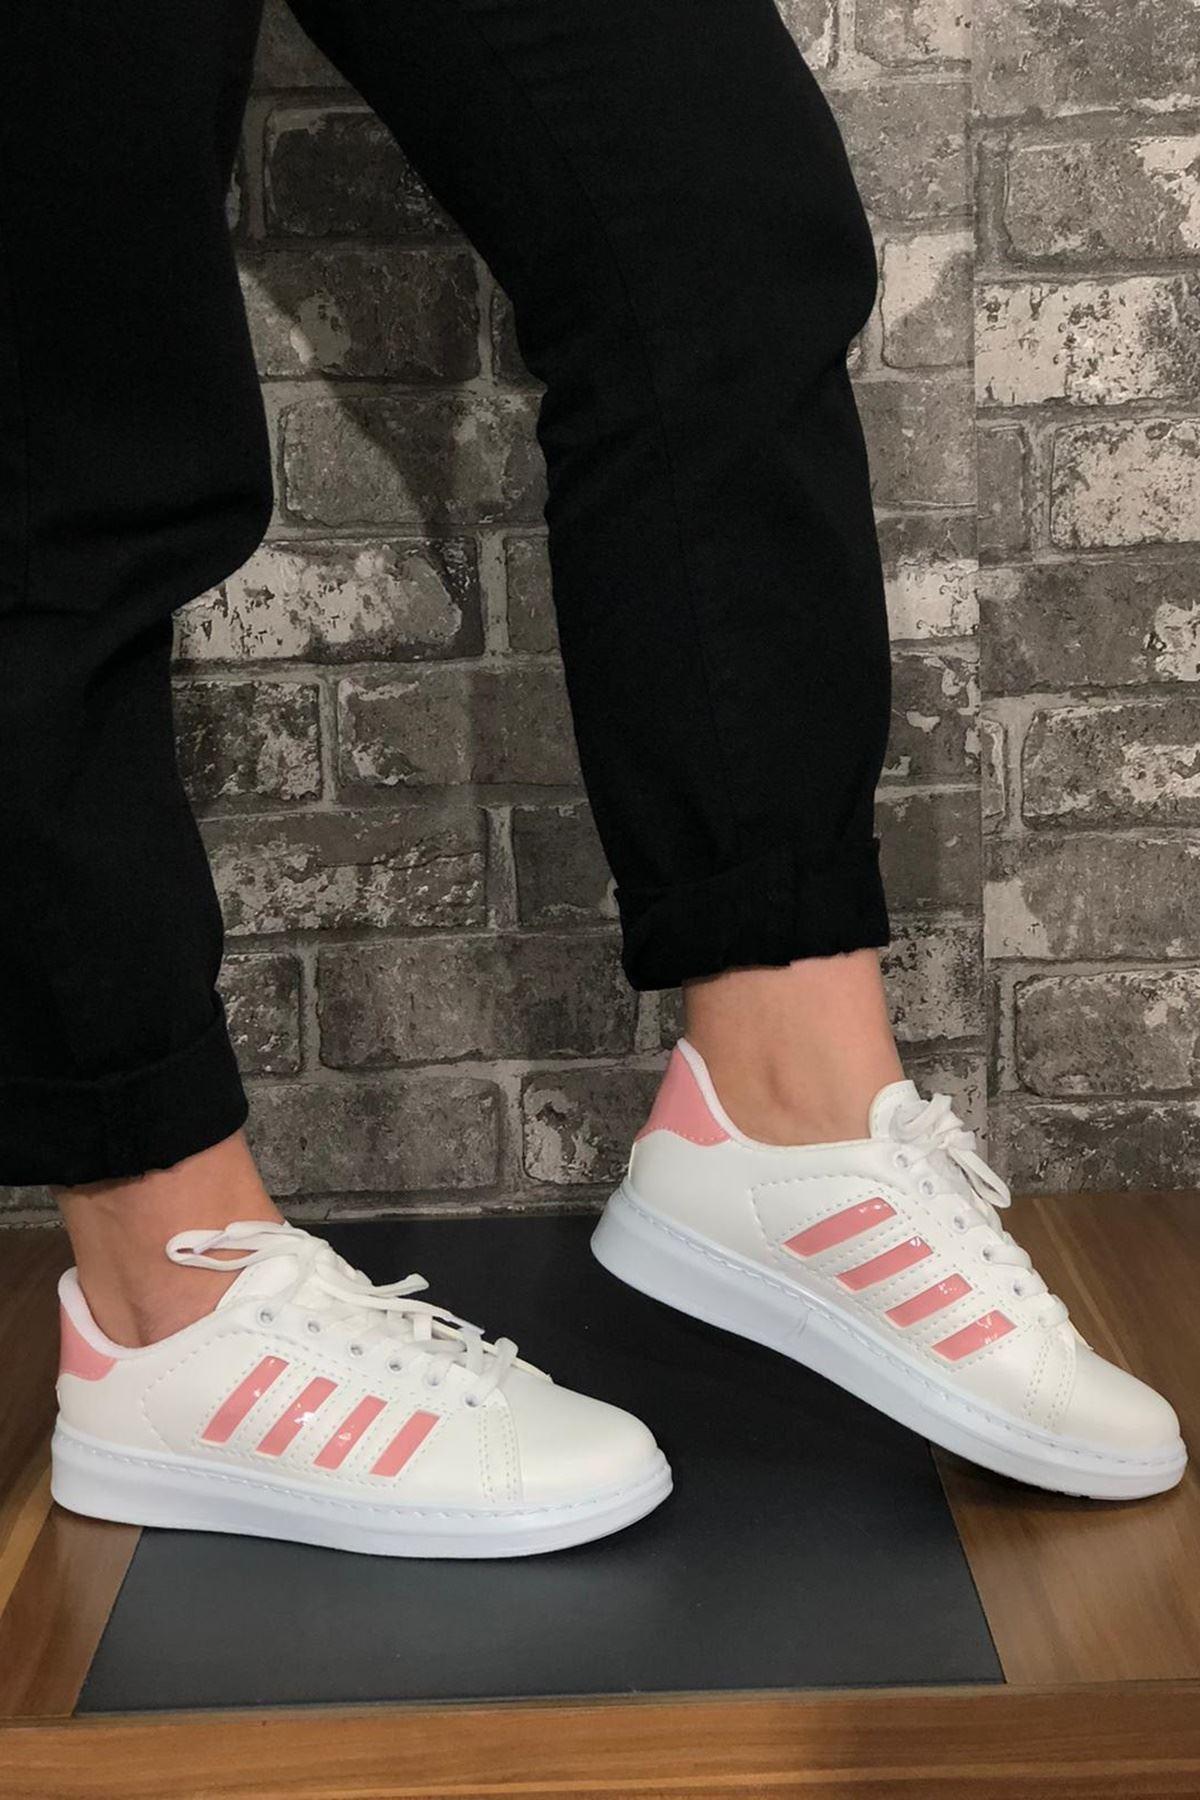 Süperstar Şeritli Spor Ayakkabı - Pembe